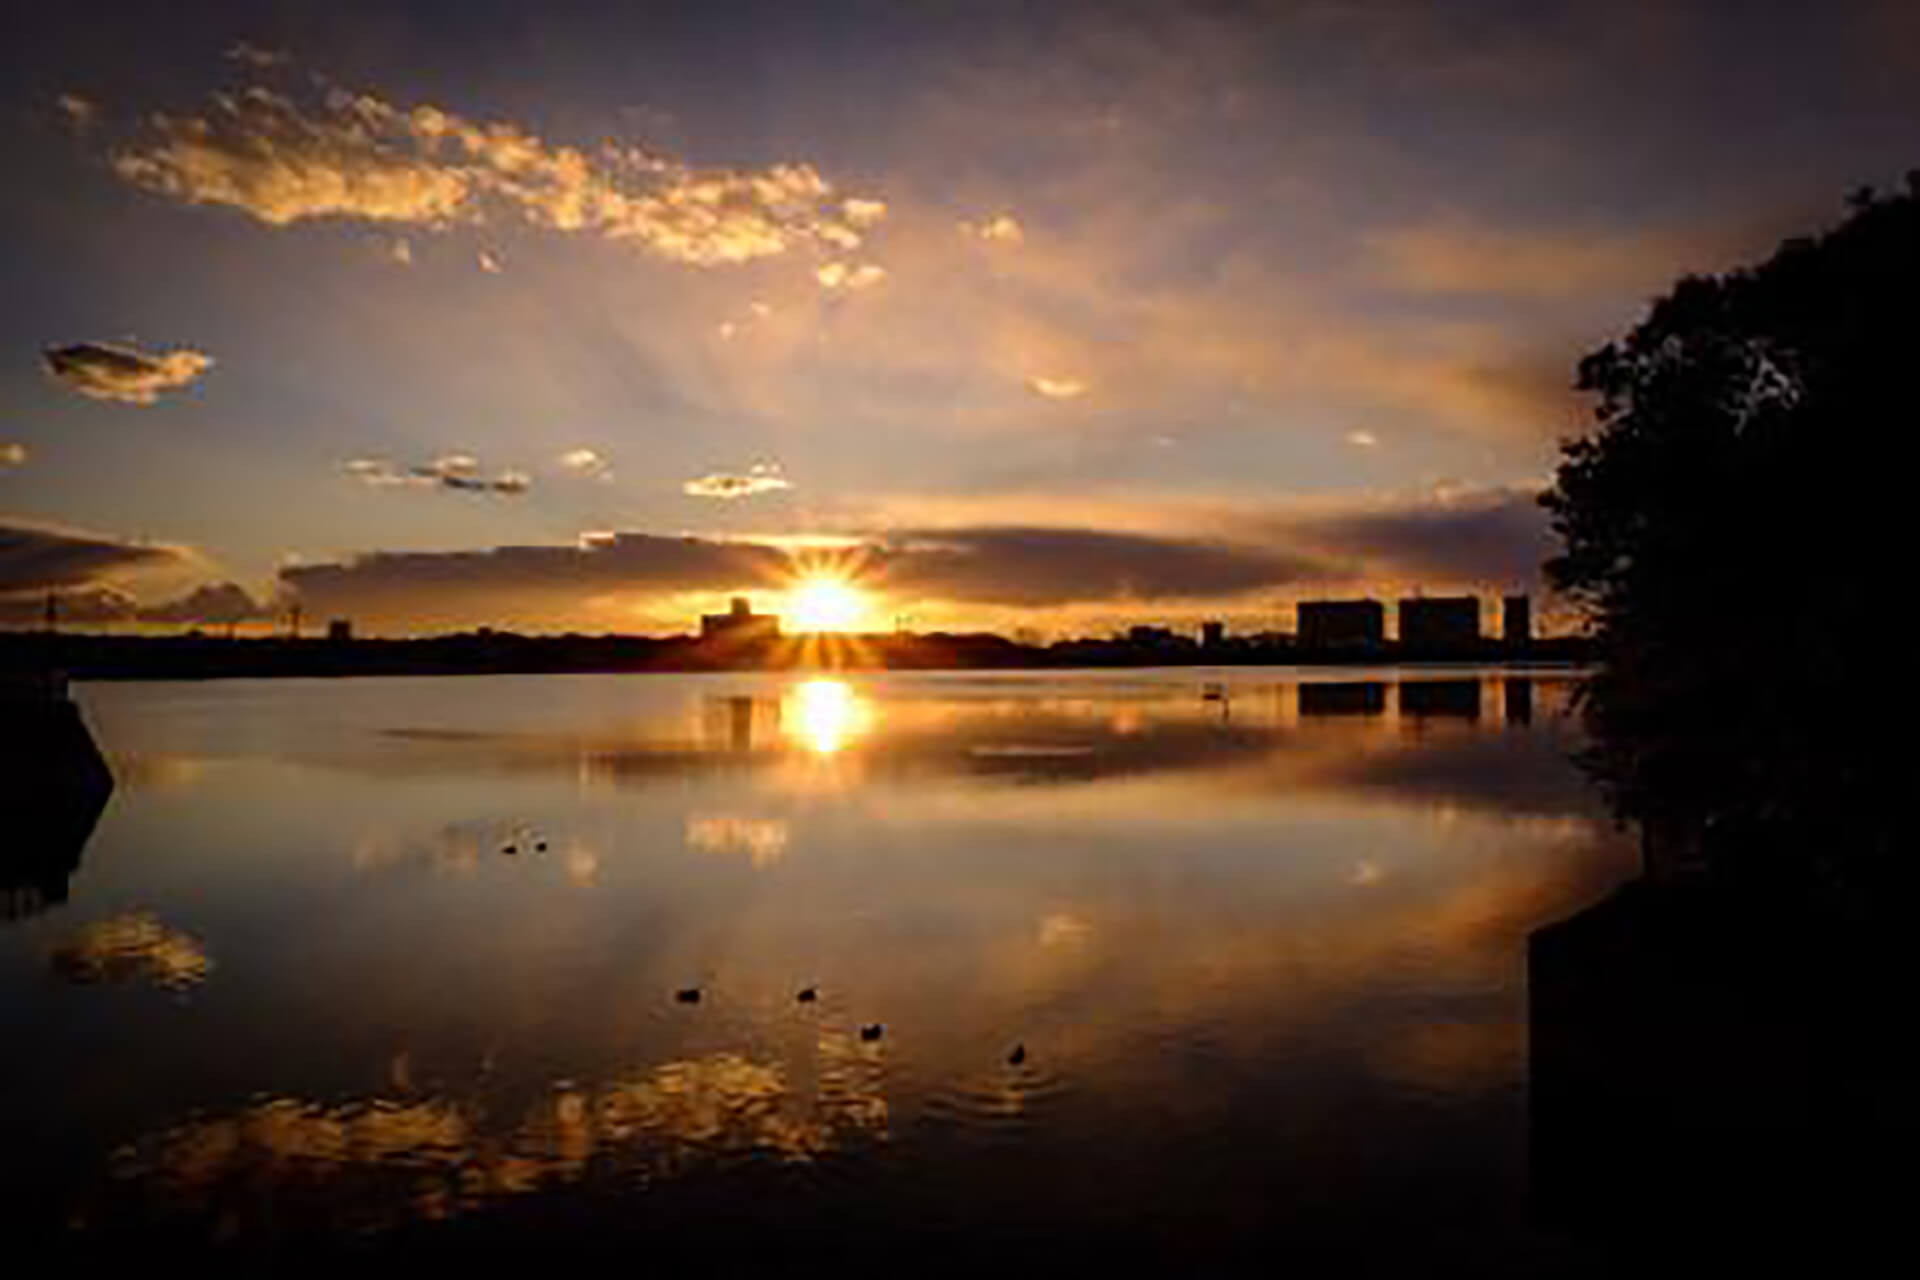 この写真は干潟の夕日を撮影したものです